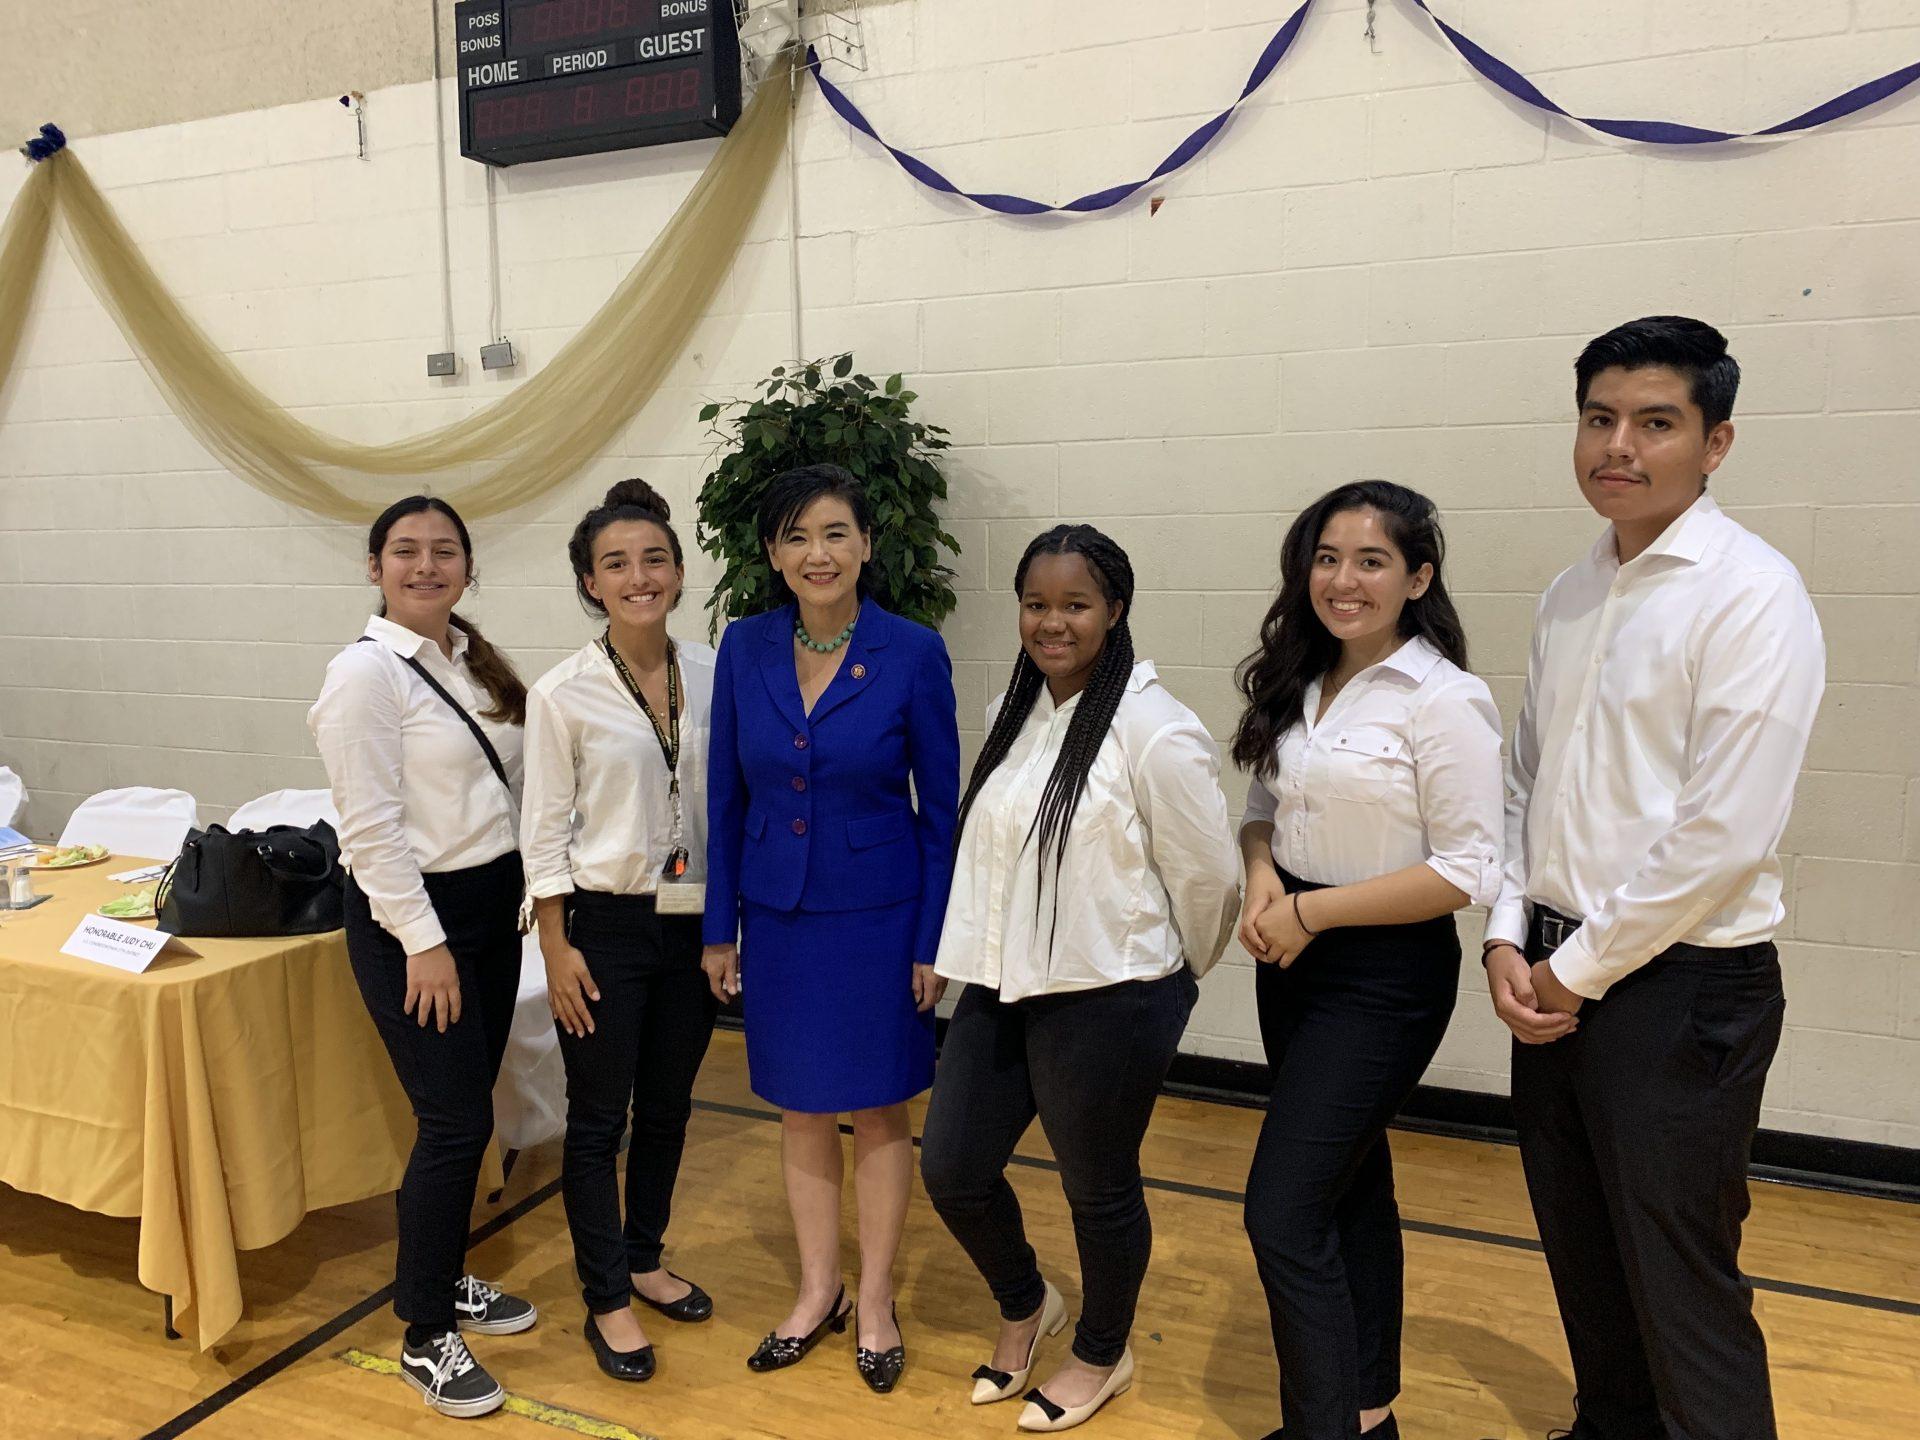 Youth Ambassadors with Congresswoman Judy Chu